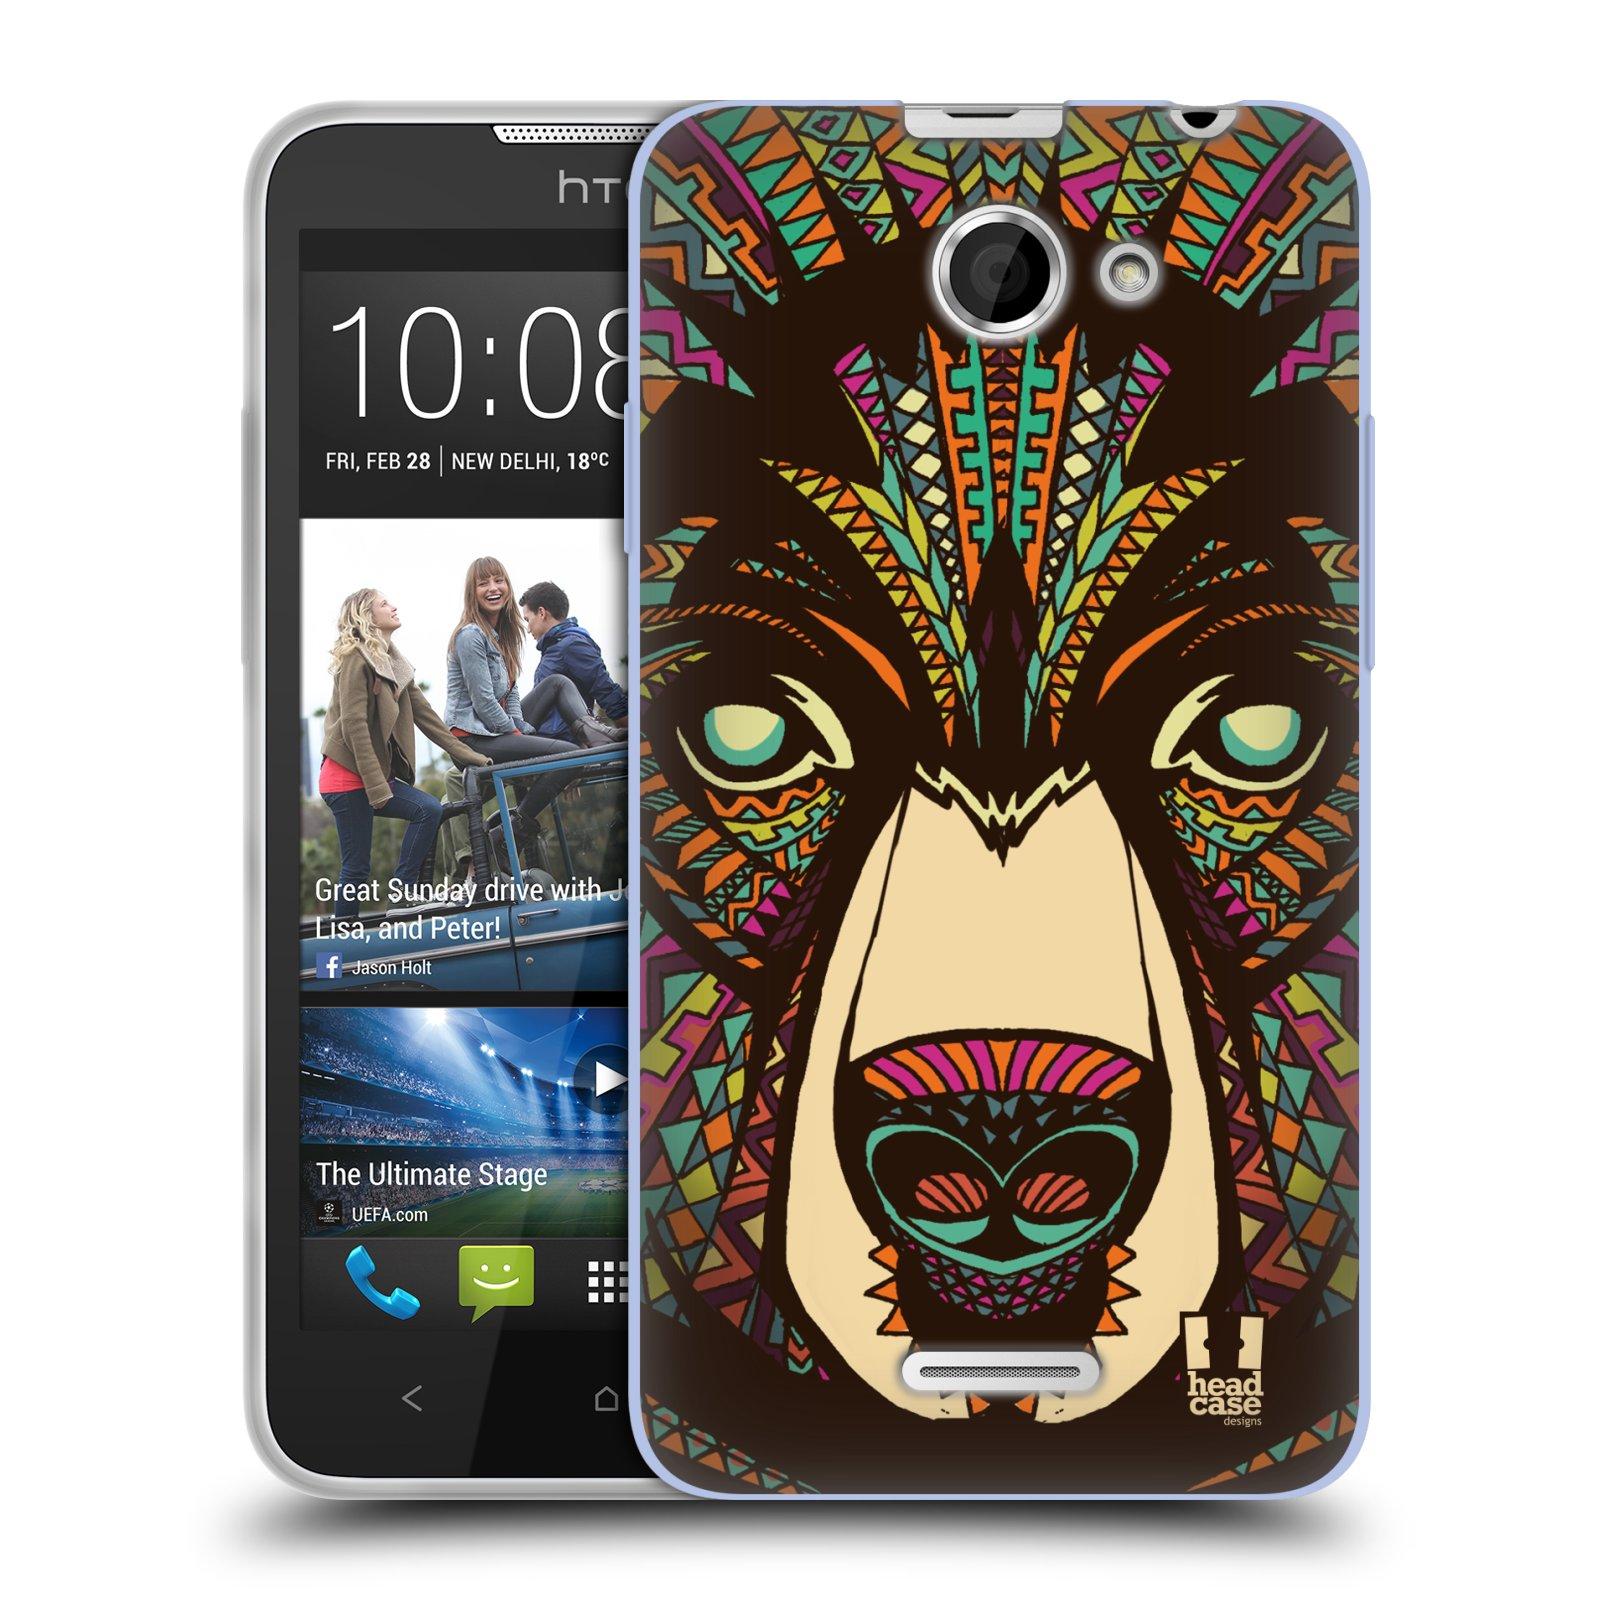 Silikonové pouzdro na mobil HTC Desire 516 HEAD CASE AZTEC MEDVĚD (Silikonový kryt či obal na mobilní telefon HTC Desire 516 Dual SIM)